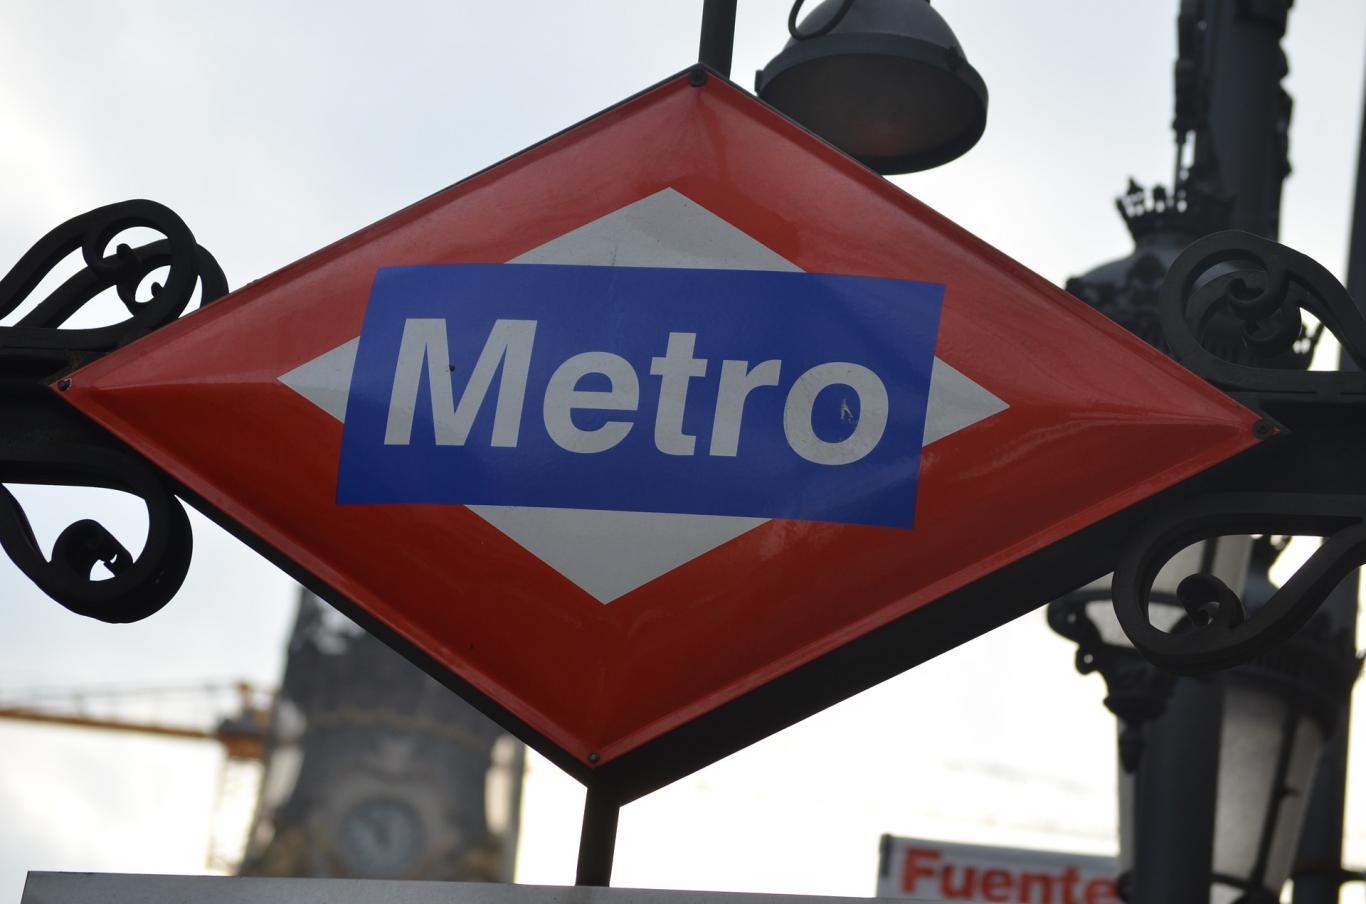 Placa del Metro